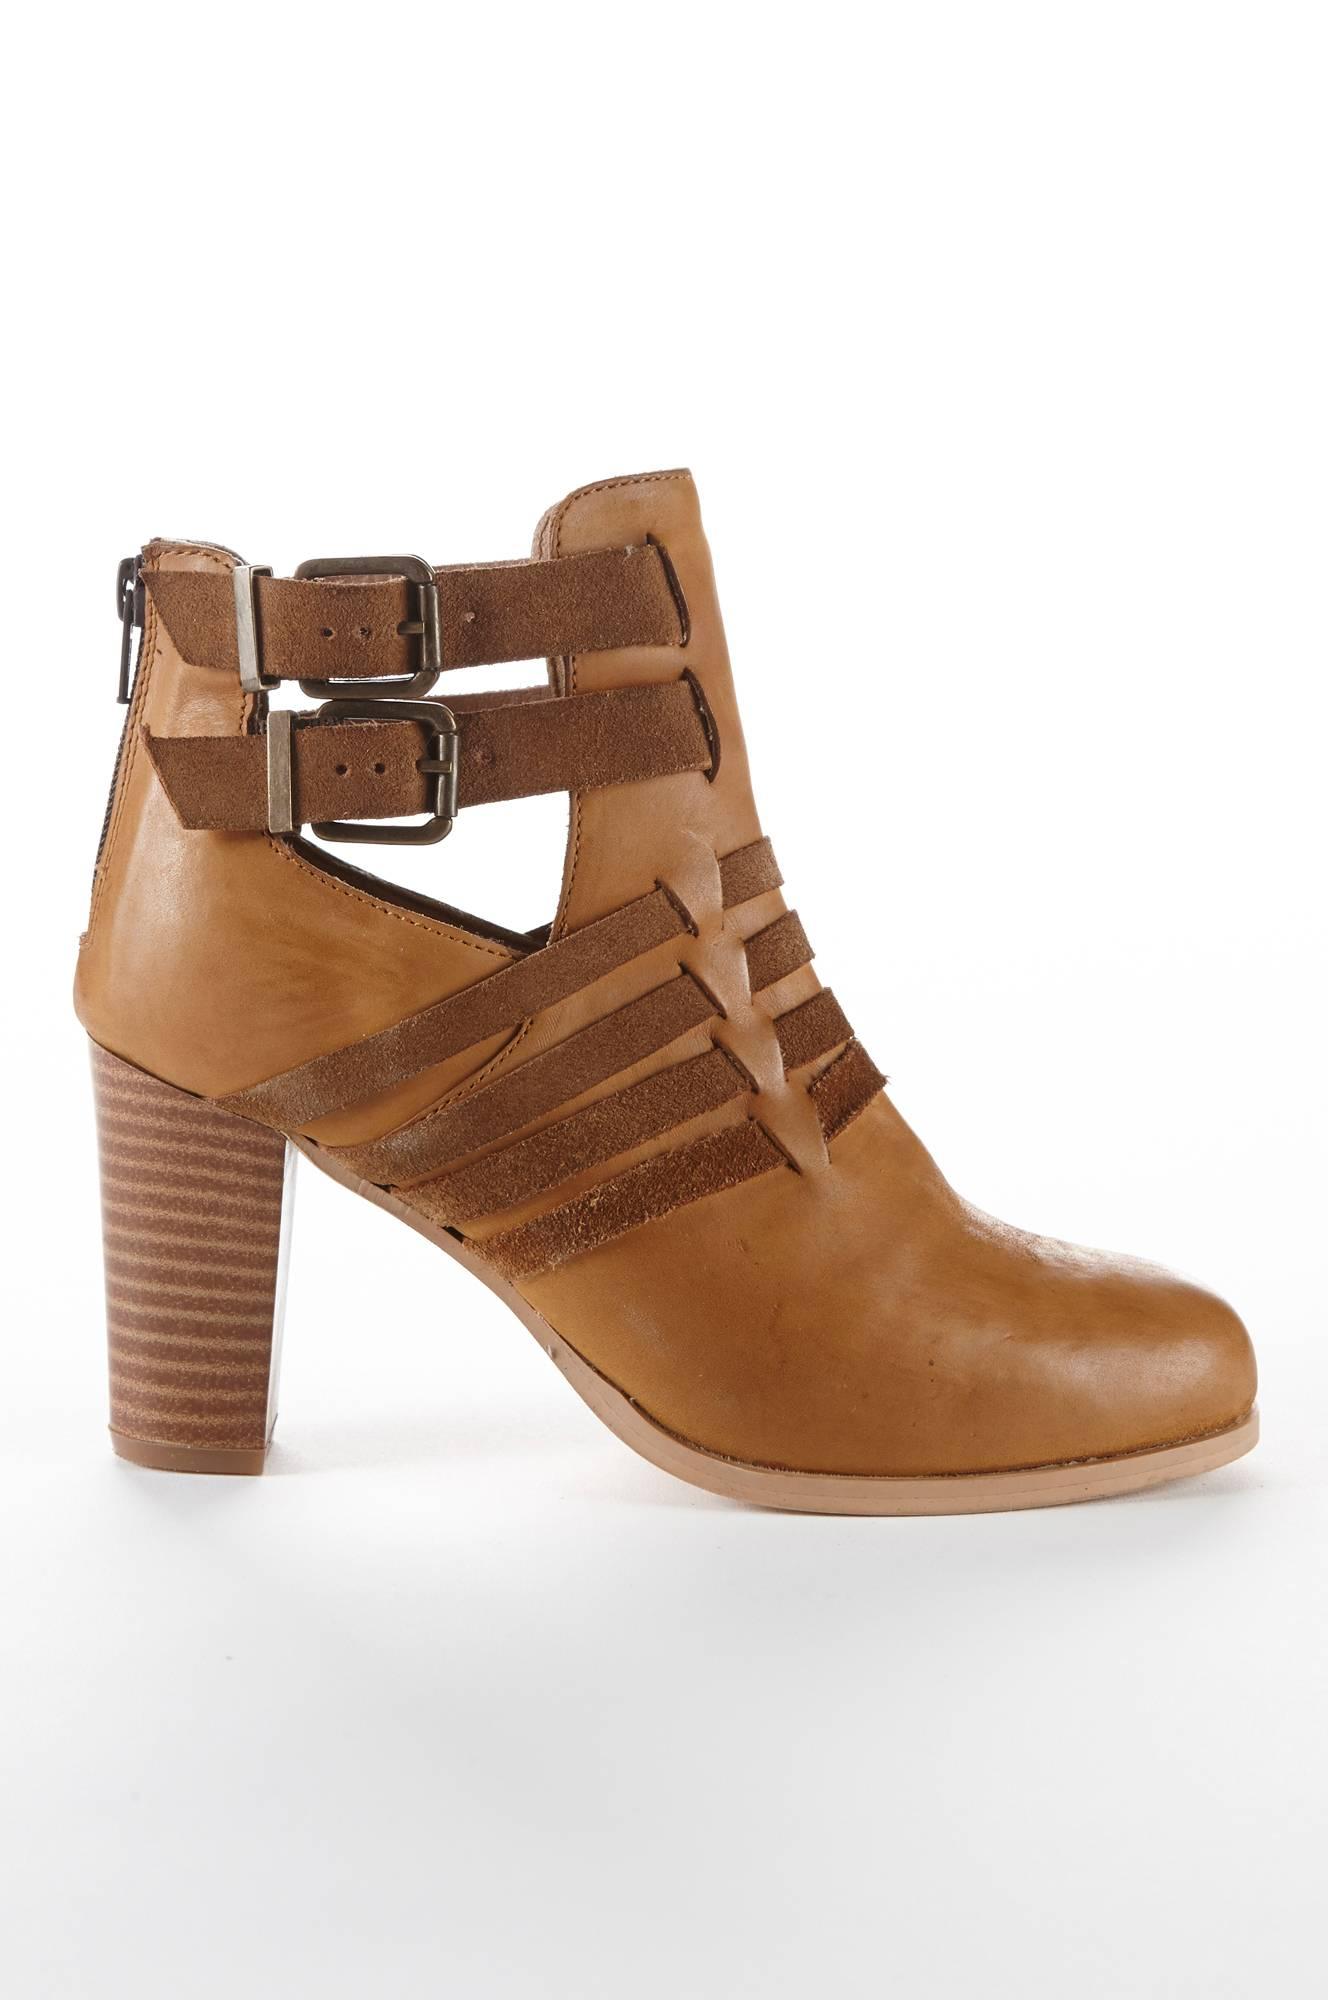 32339b75c77 Shop Højhælet støvlet Ellos Festsko & højhælede i Brun til Kvinder i en  online modebutik